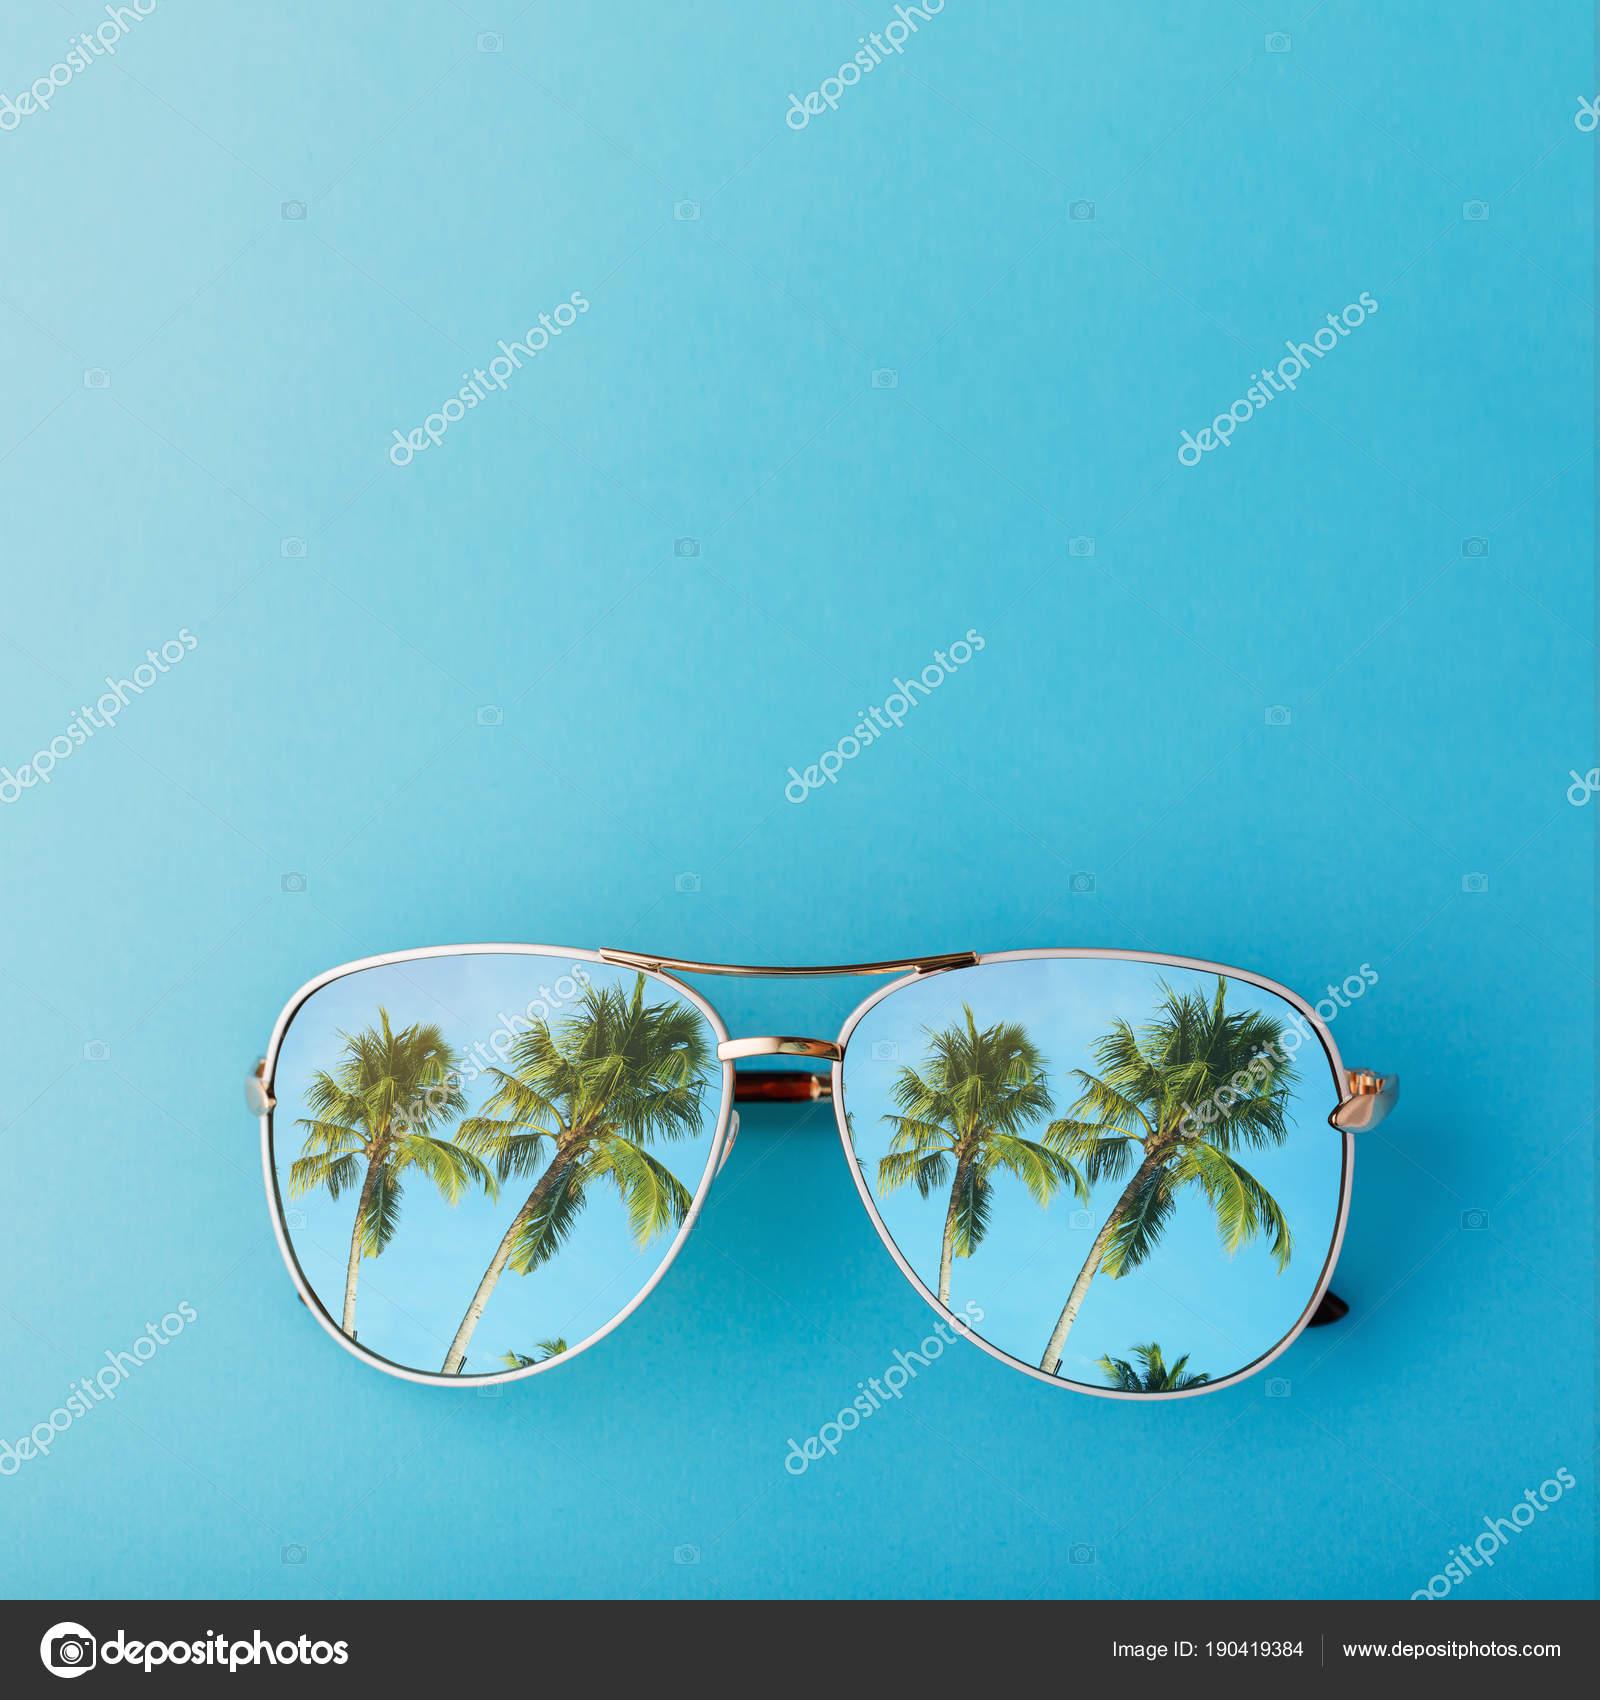 85f5cb71e92aa8 Lunettes de soleil avec des palmiers reflètent dedans et espace pour texte,  vue de dessus — Image de SergeyChayko